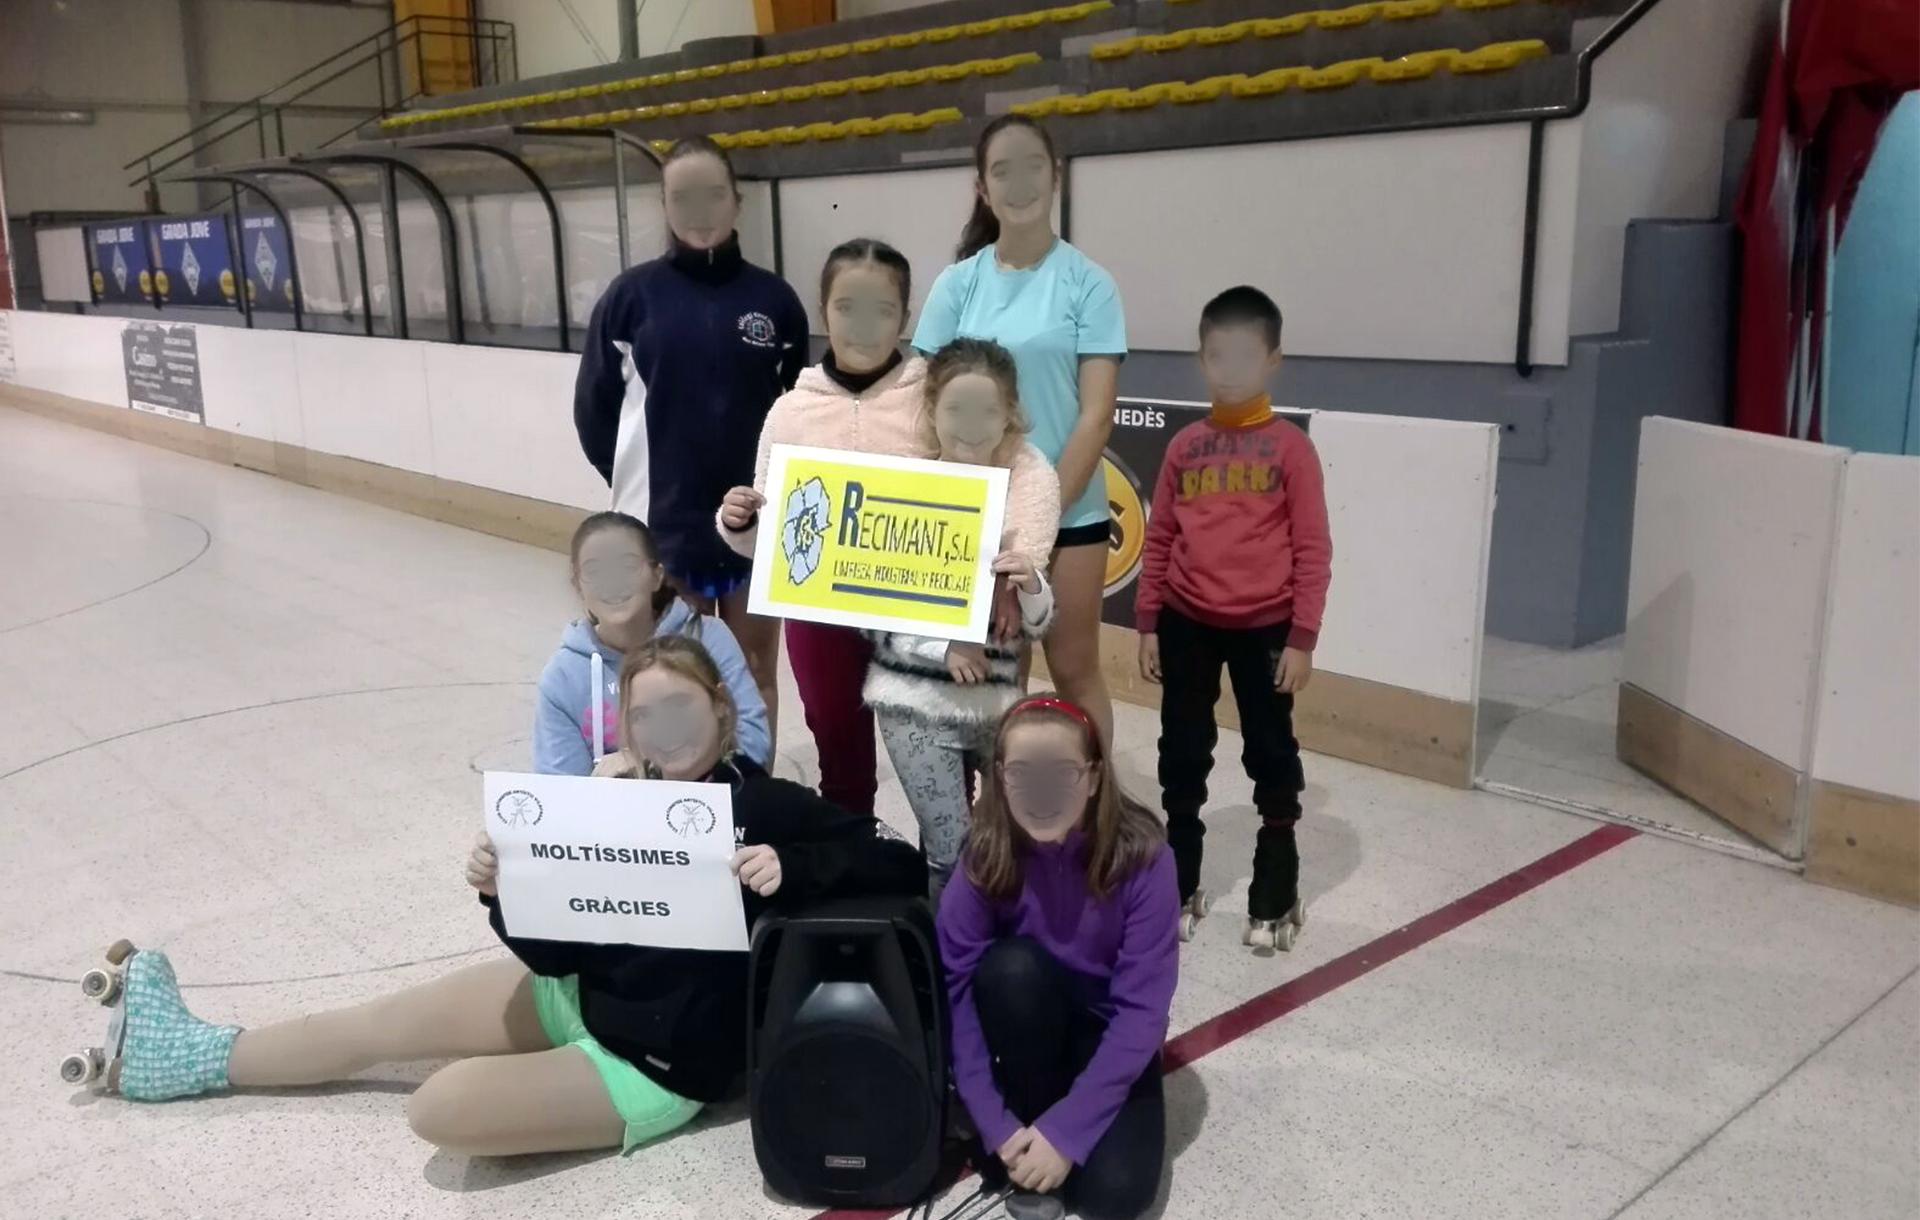 Recimant participa en la adquisición de material del equipo de patinaje artístico de Santa Margarida i els Monjos (Barcelona).